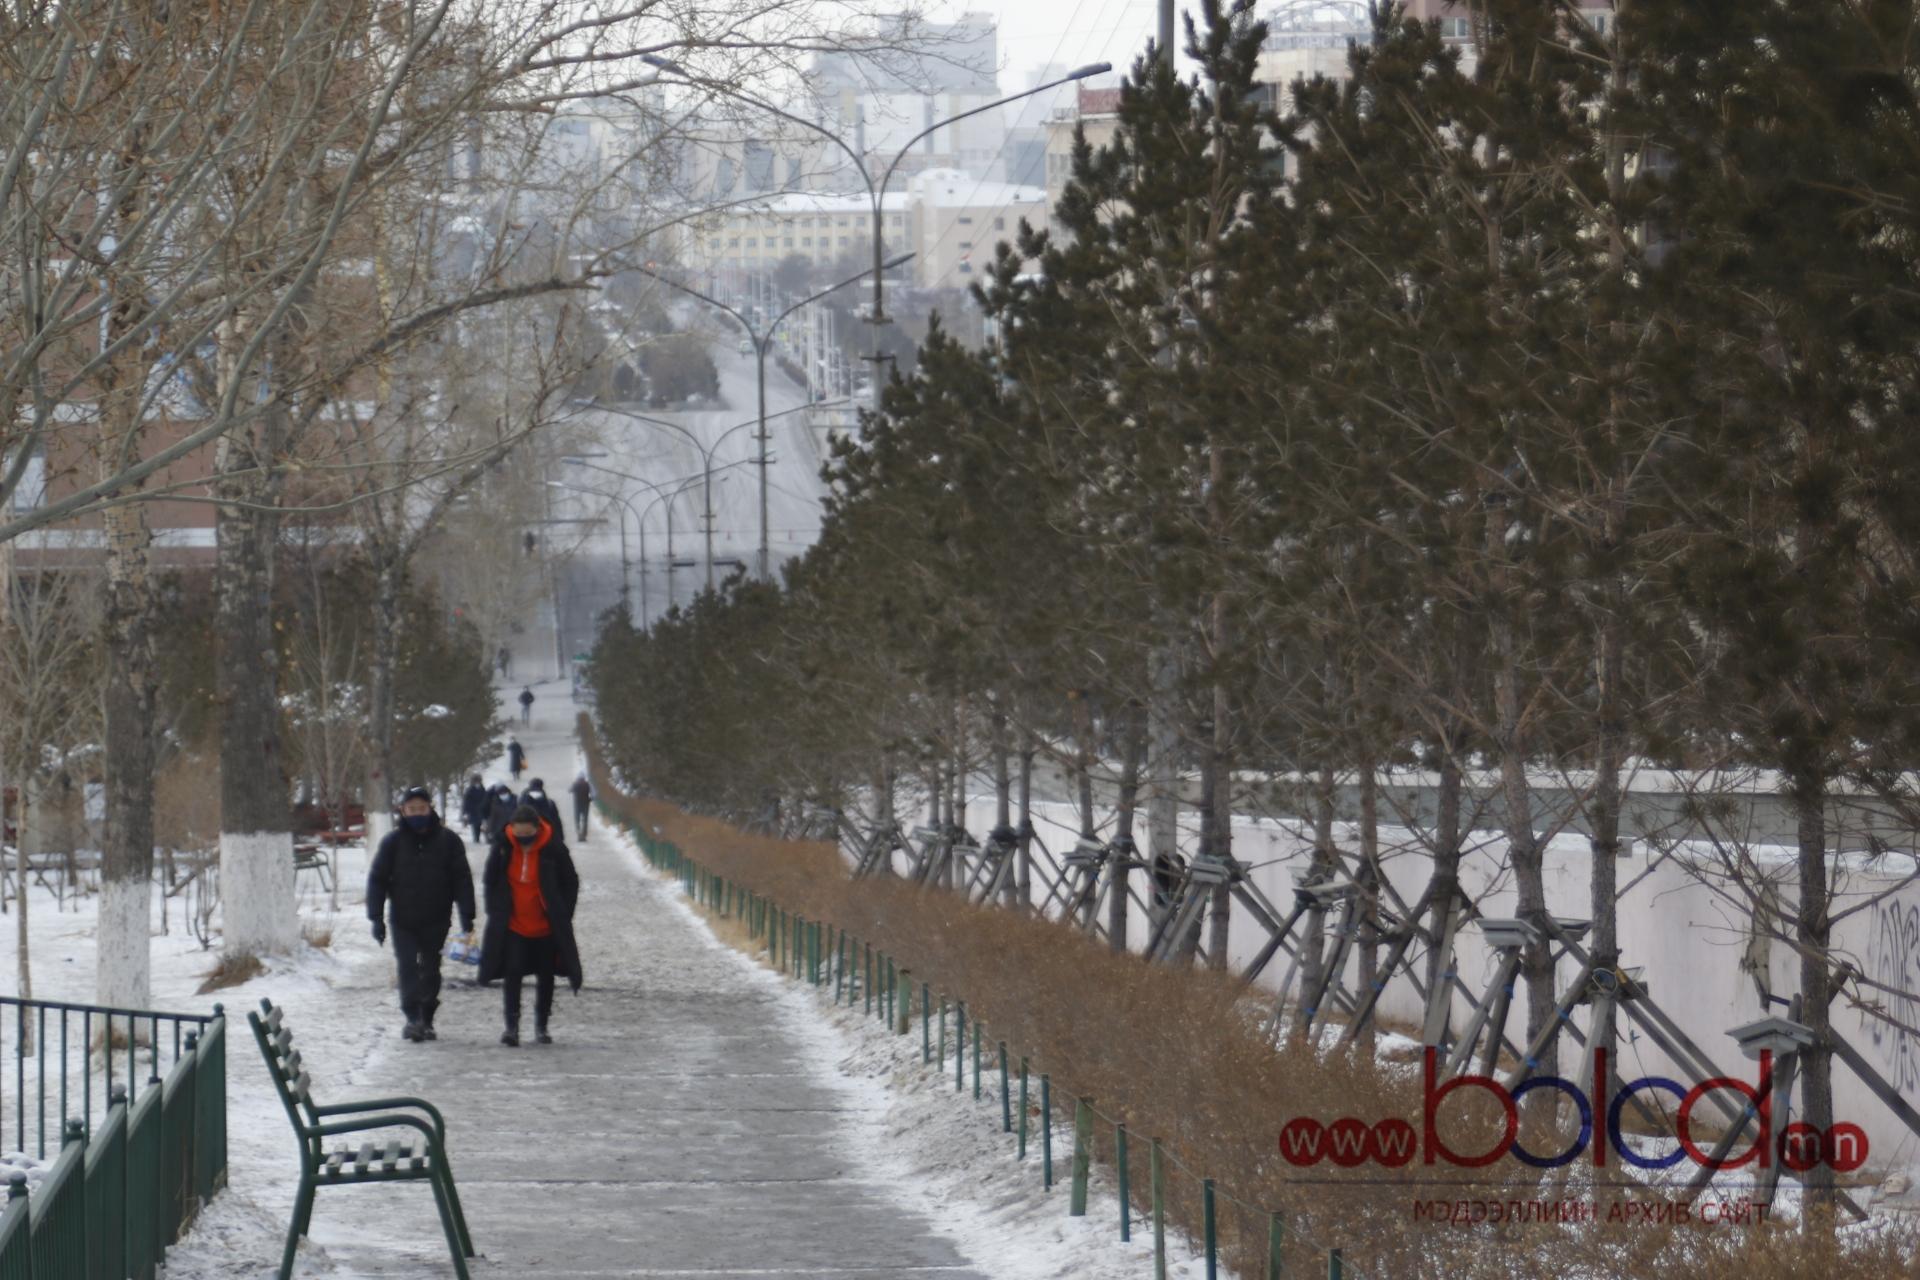 ФОТО: Нийслэл хотын иргэд хатуу хөл хорион дунд ЦАГААН САРЫН БАЯР-аа тэмдэглэж байна